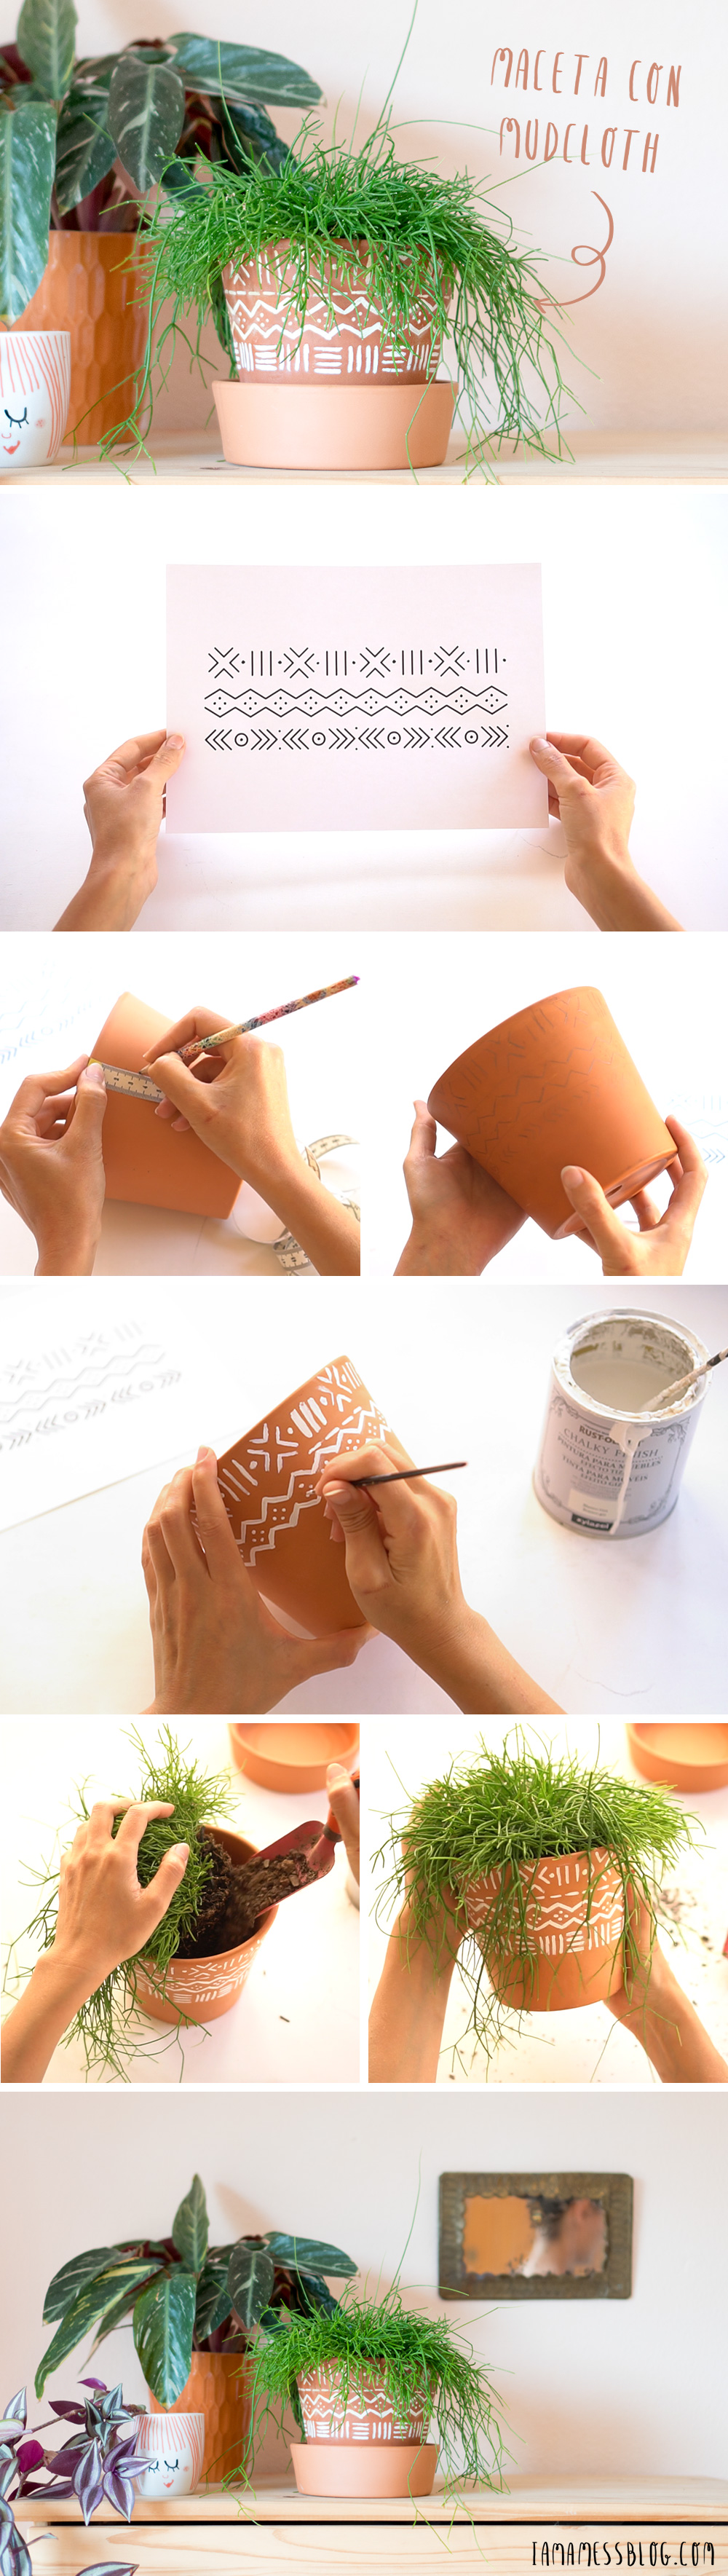 Como pintar macetas con estampado mudcloth, visto en